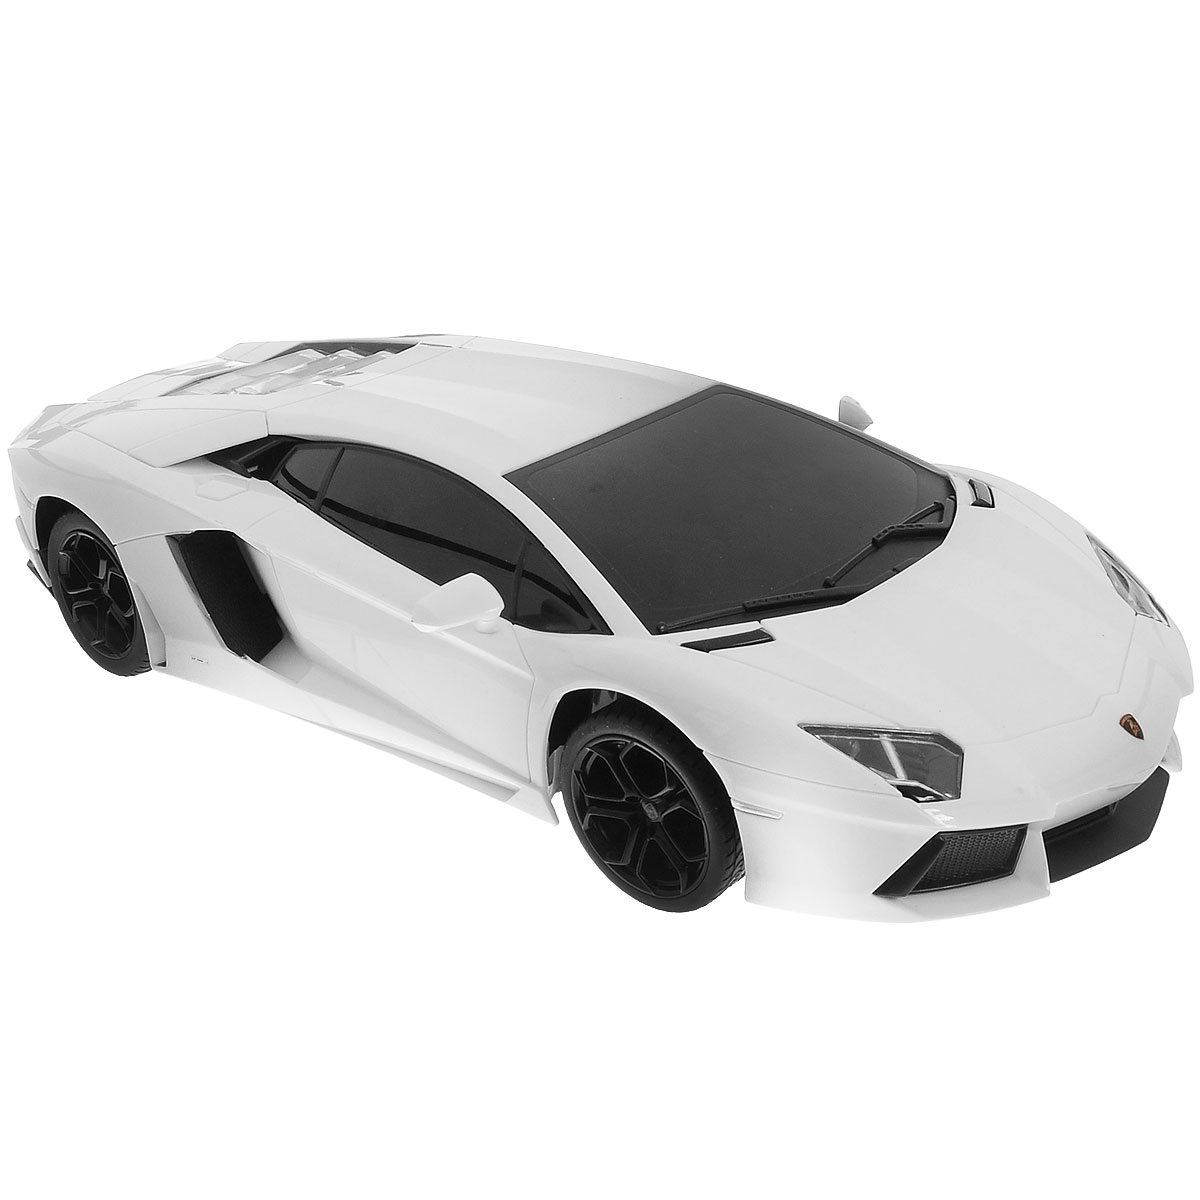 """Радиоуправляемая модель """"TopGear: Lamborghini 700"""" является детальной копией существующего автомобиля в масштабе 1:18. Машинка изготовлена из прочного легкого пластика с элементами металла, колеса прорезинены. При помощи пульта управления автомобиль может перемещаться вперед, назад, поворачивать влево и вправо, останавливаться. Встроенные амортизаторы обеспечивают комфортное движение. При движении фары машинки светятся. В комплект входят машинка и пульт управления. Автомобиль отличается потрясающей маневренностью и динамикой. Ваш ребенок часами будет играть с моделью, устраивая захватывающие гонки. Машина работает от 4 батареек напряжением 1,5V типа АА (не входят в комплект). Пульт управления работает от 2 батареек напряжением 1,5V типа АА (не входят в комплект)."""